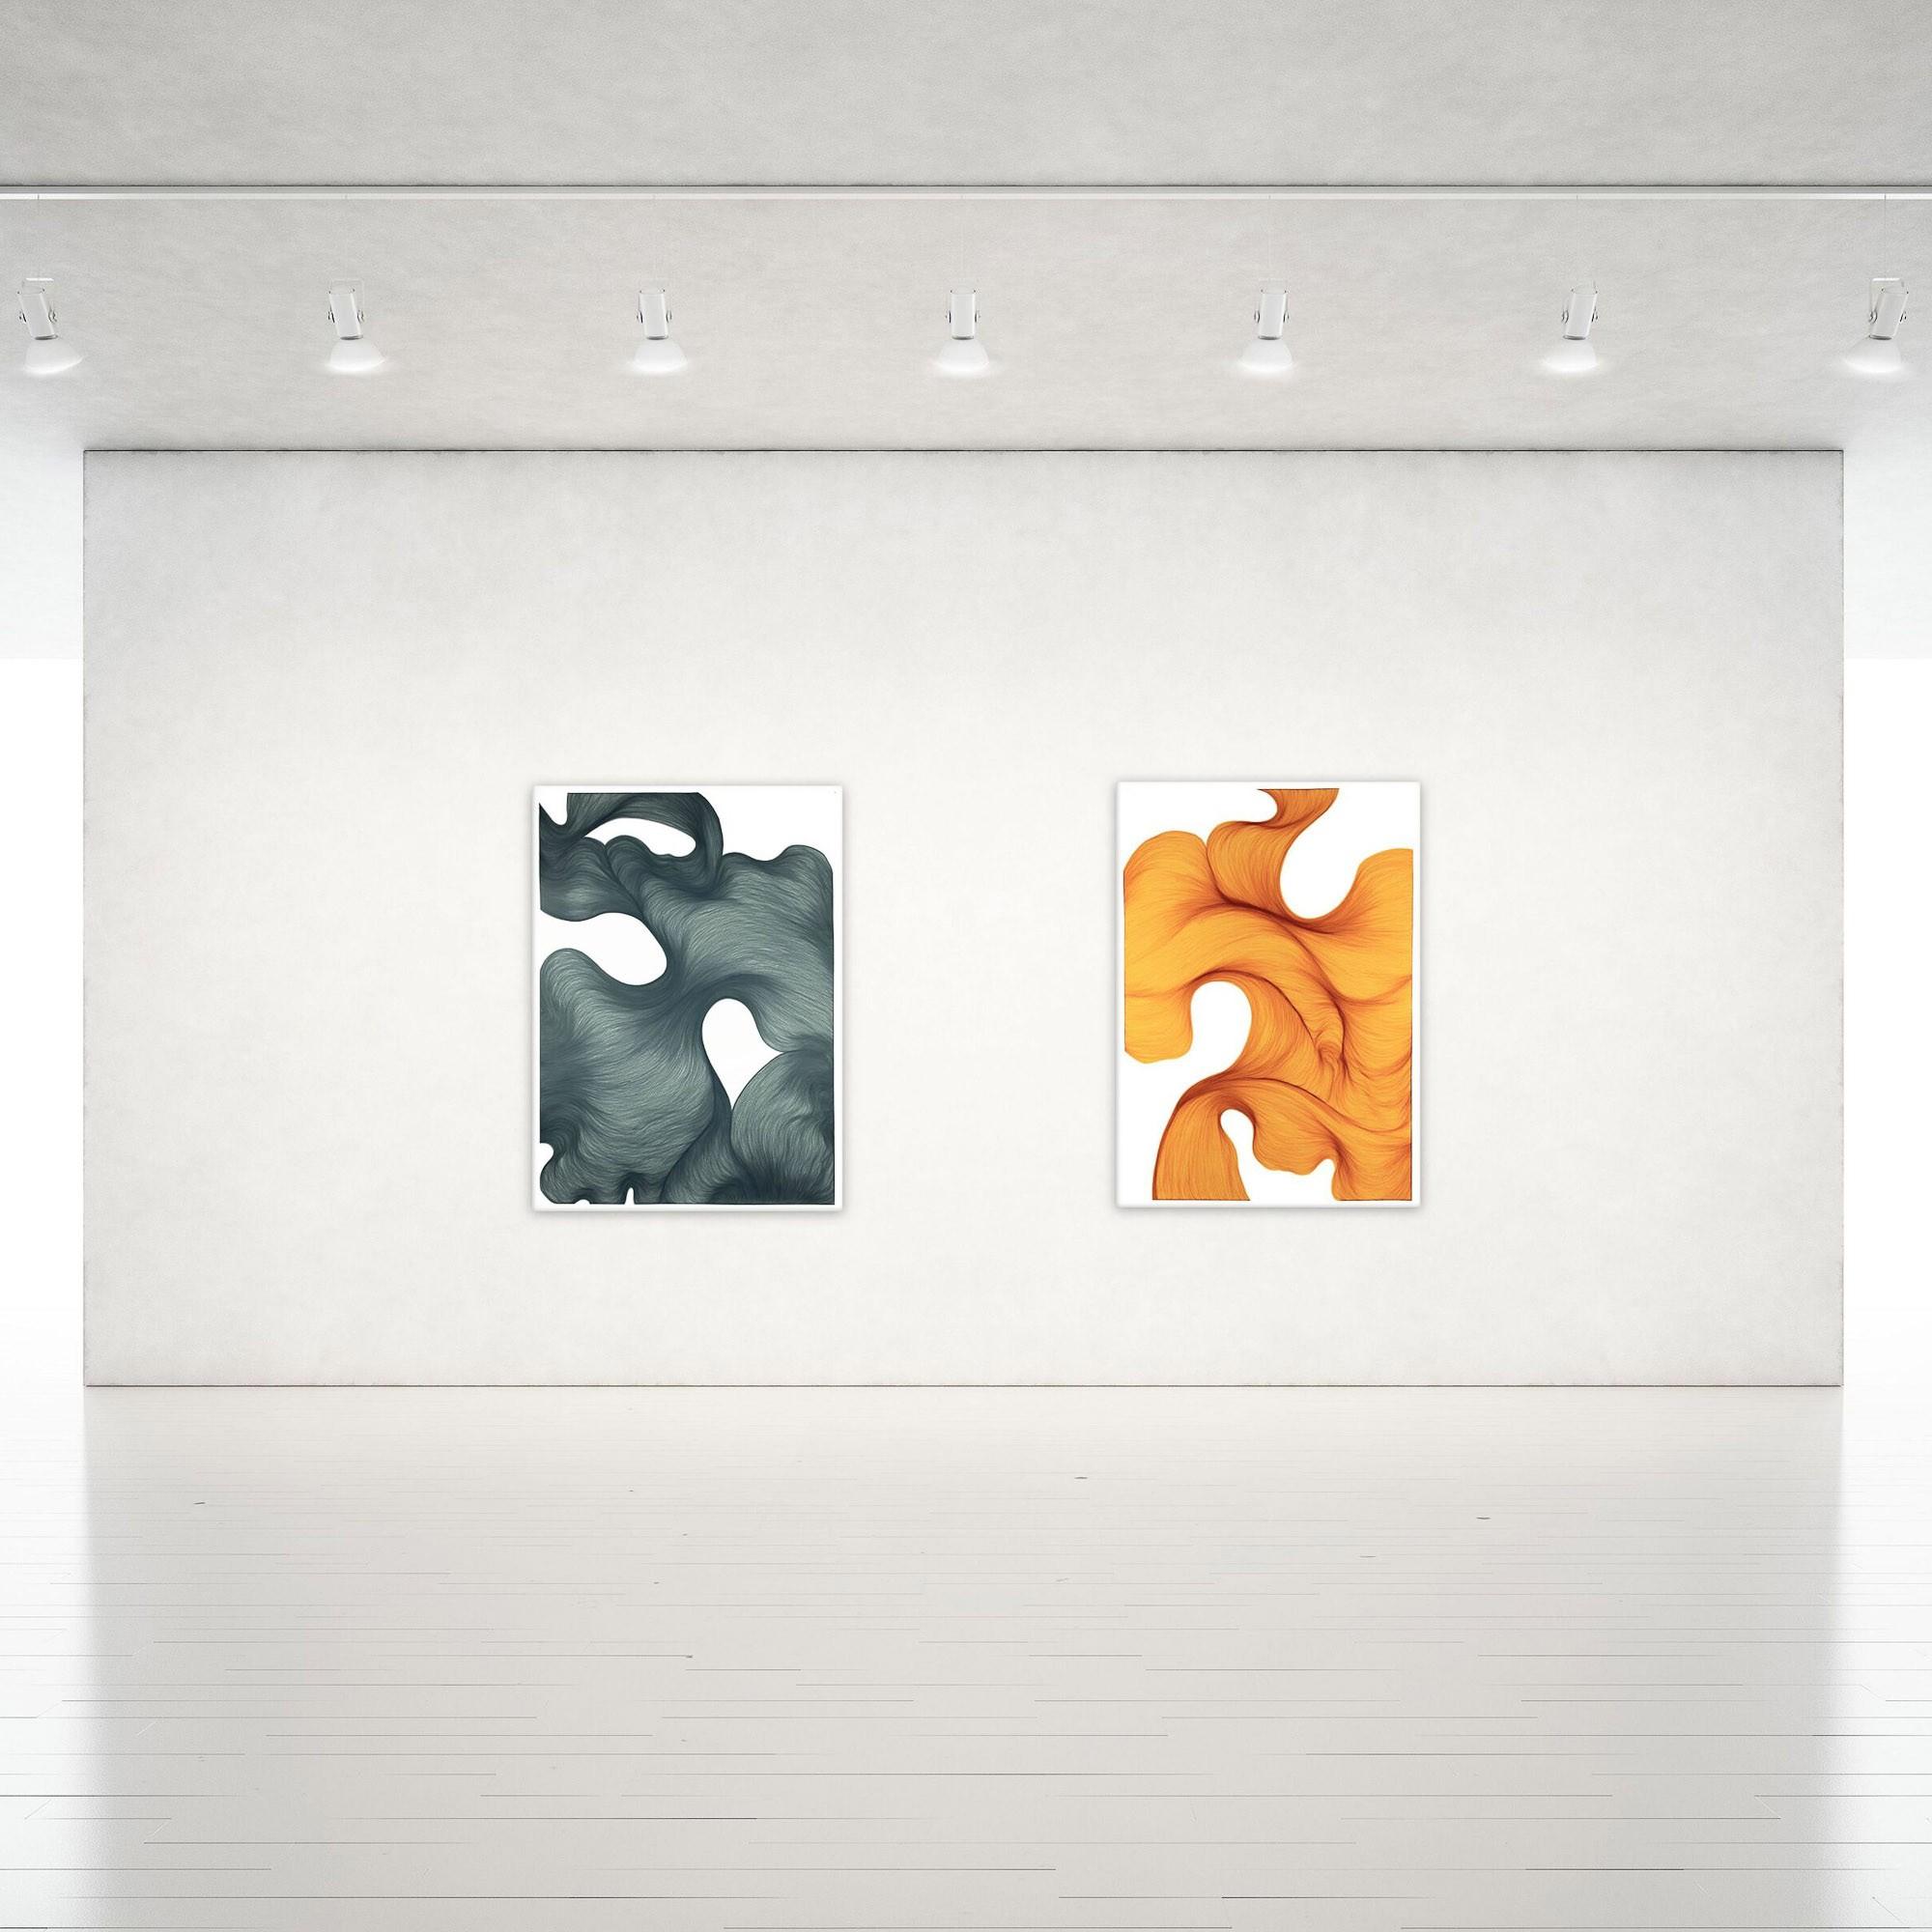 Farfala di fumo | Lali Torma | Zeichnung | Kalligraphie Tinte auf Papier - Galerieansicht